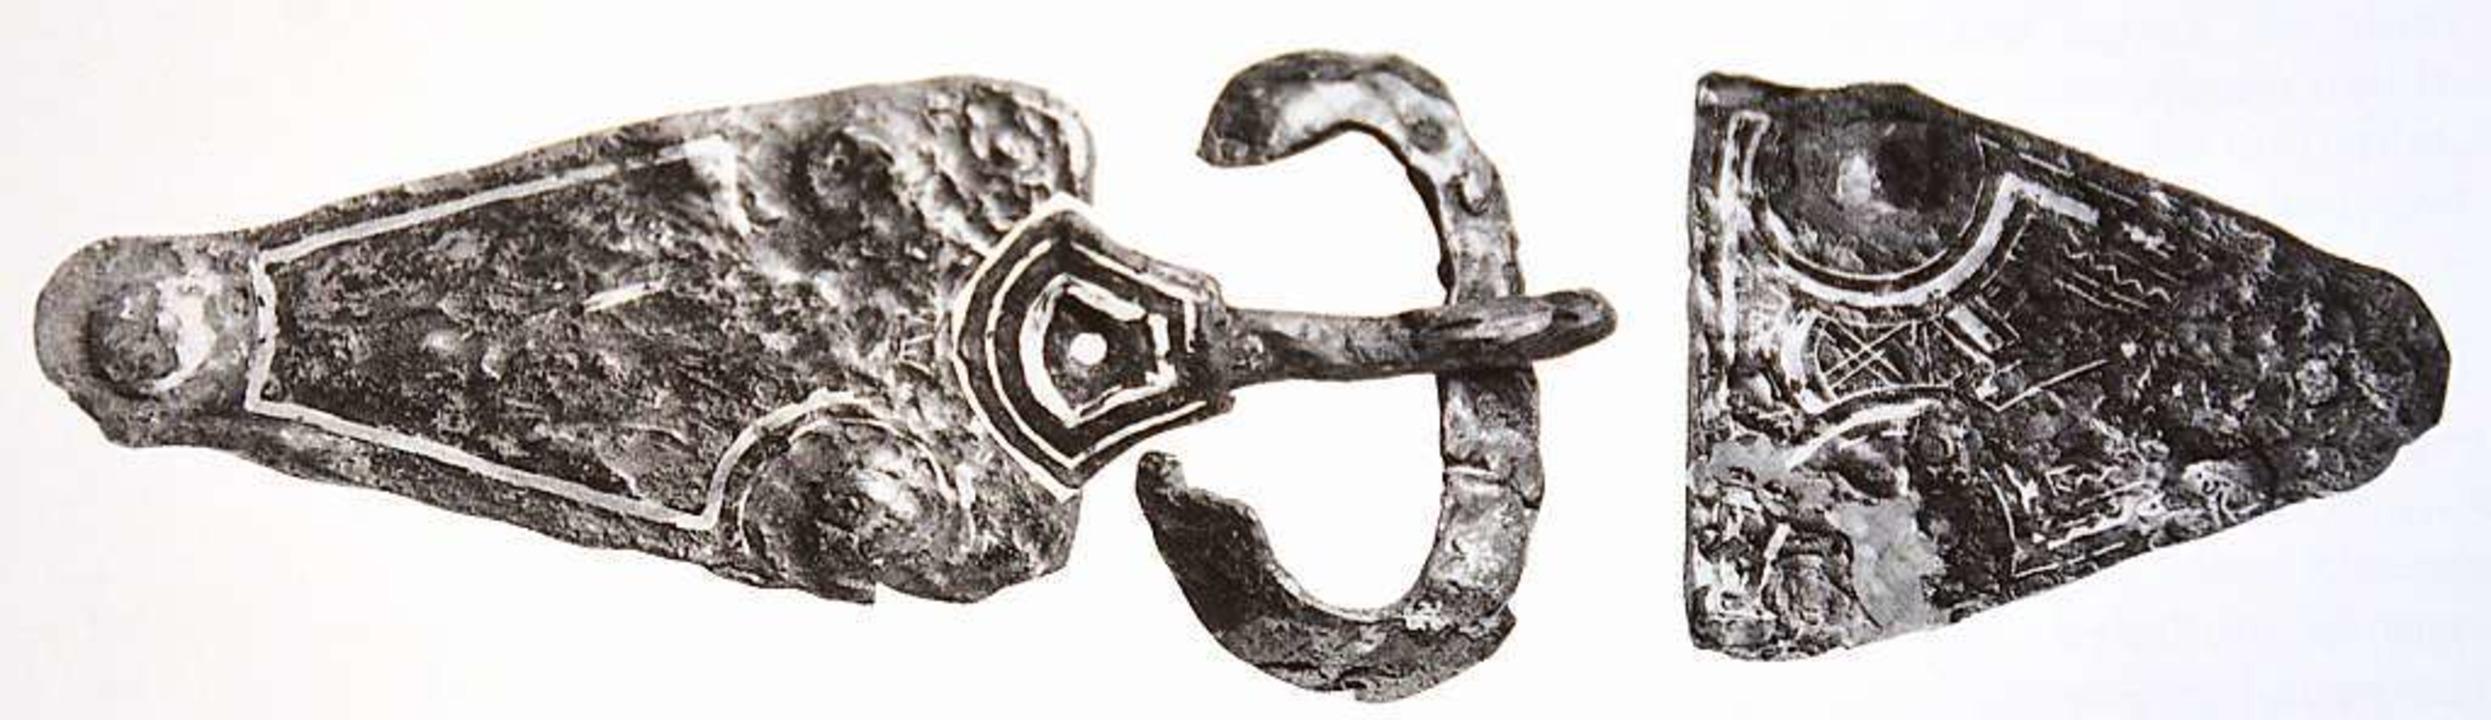 Die 1989/90 gefundene dreiteilige Gürtelgarnitur    Foto: BZ